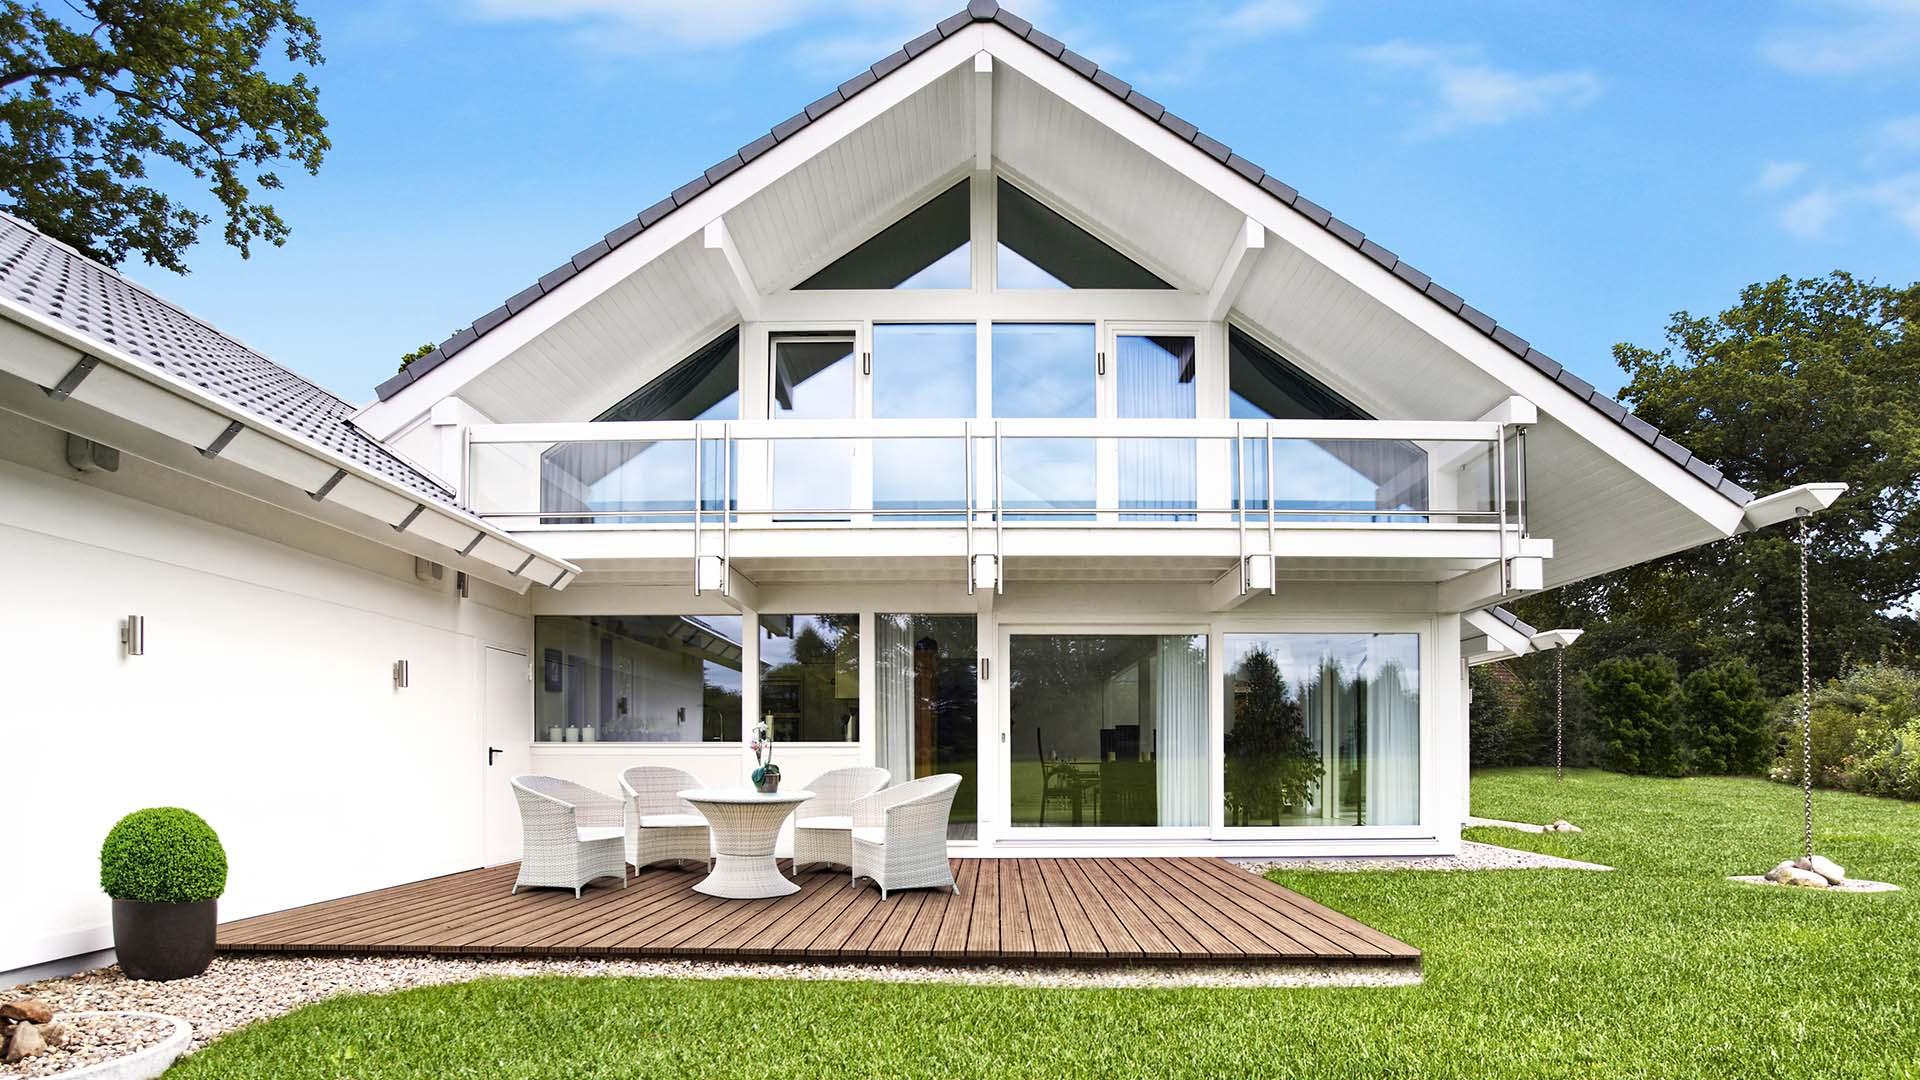 Detmolder Fachwerkhaus – Balkon und Terasse 04